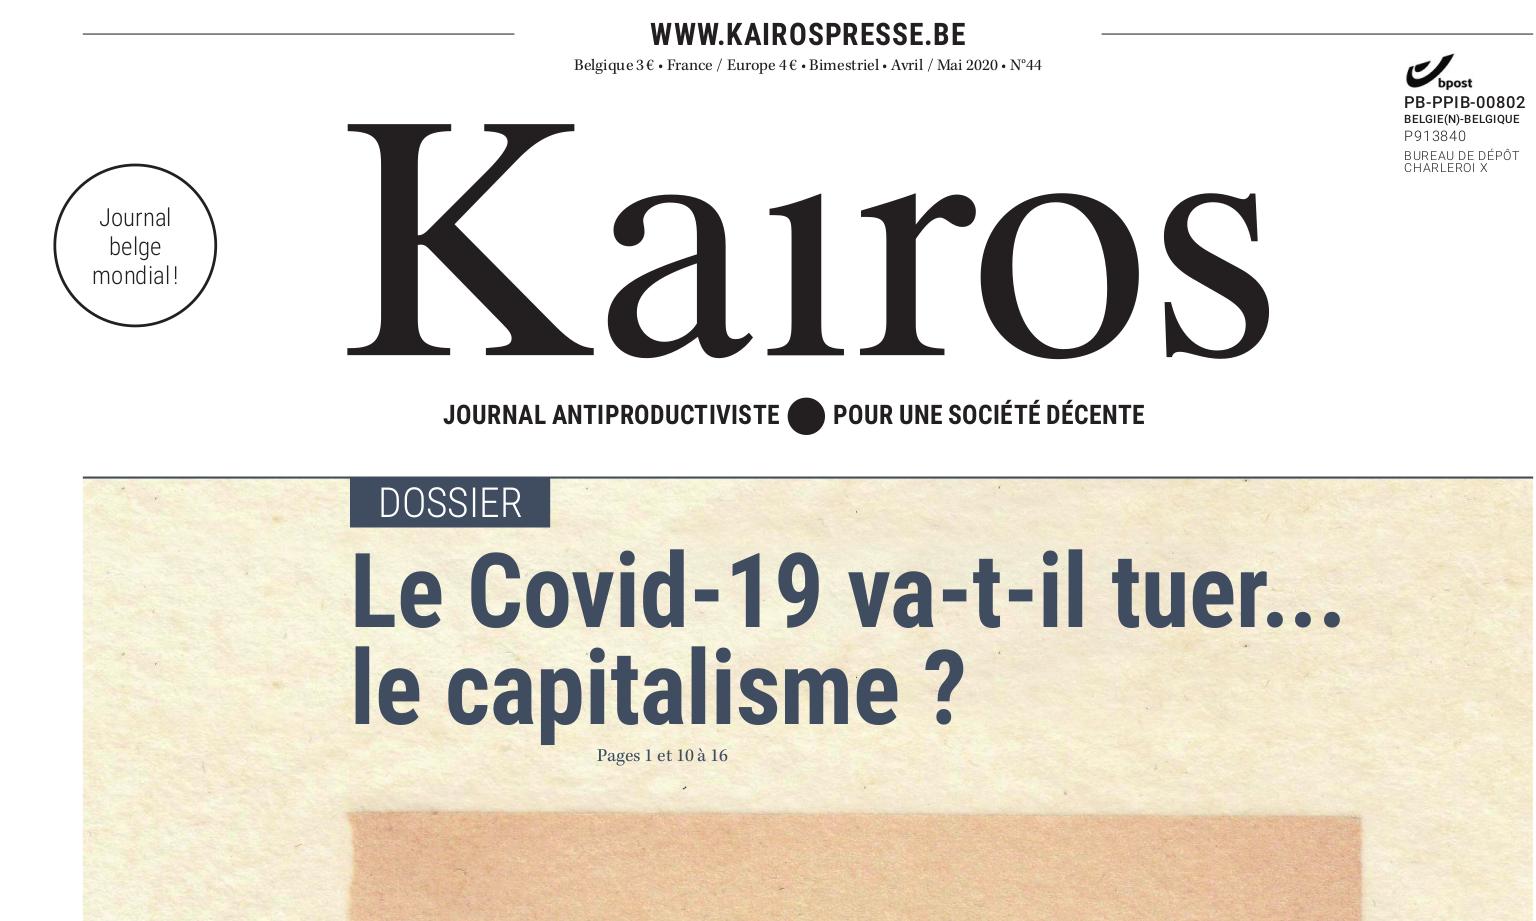 Le Covid-19 va-t-il tuer… le capitalisme?